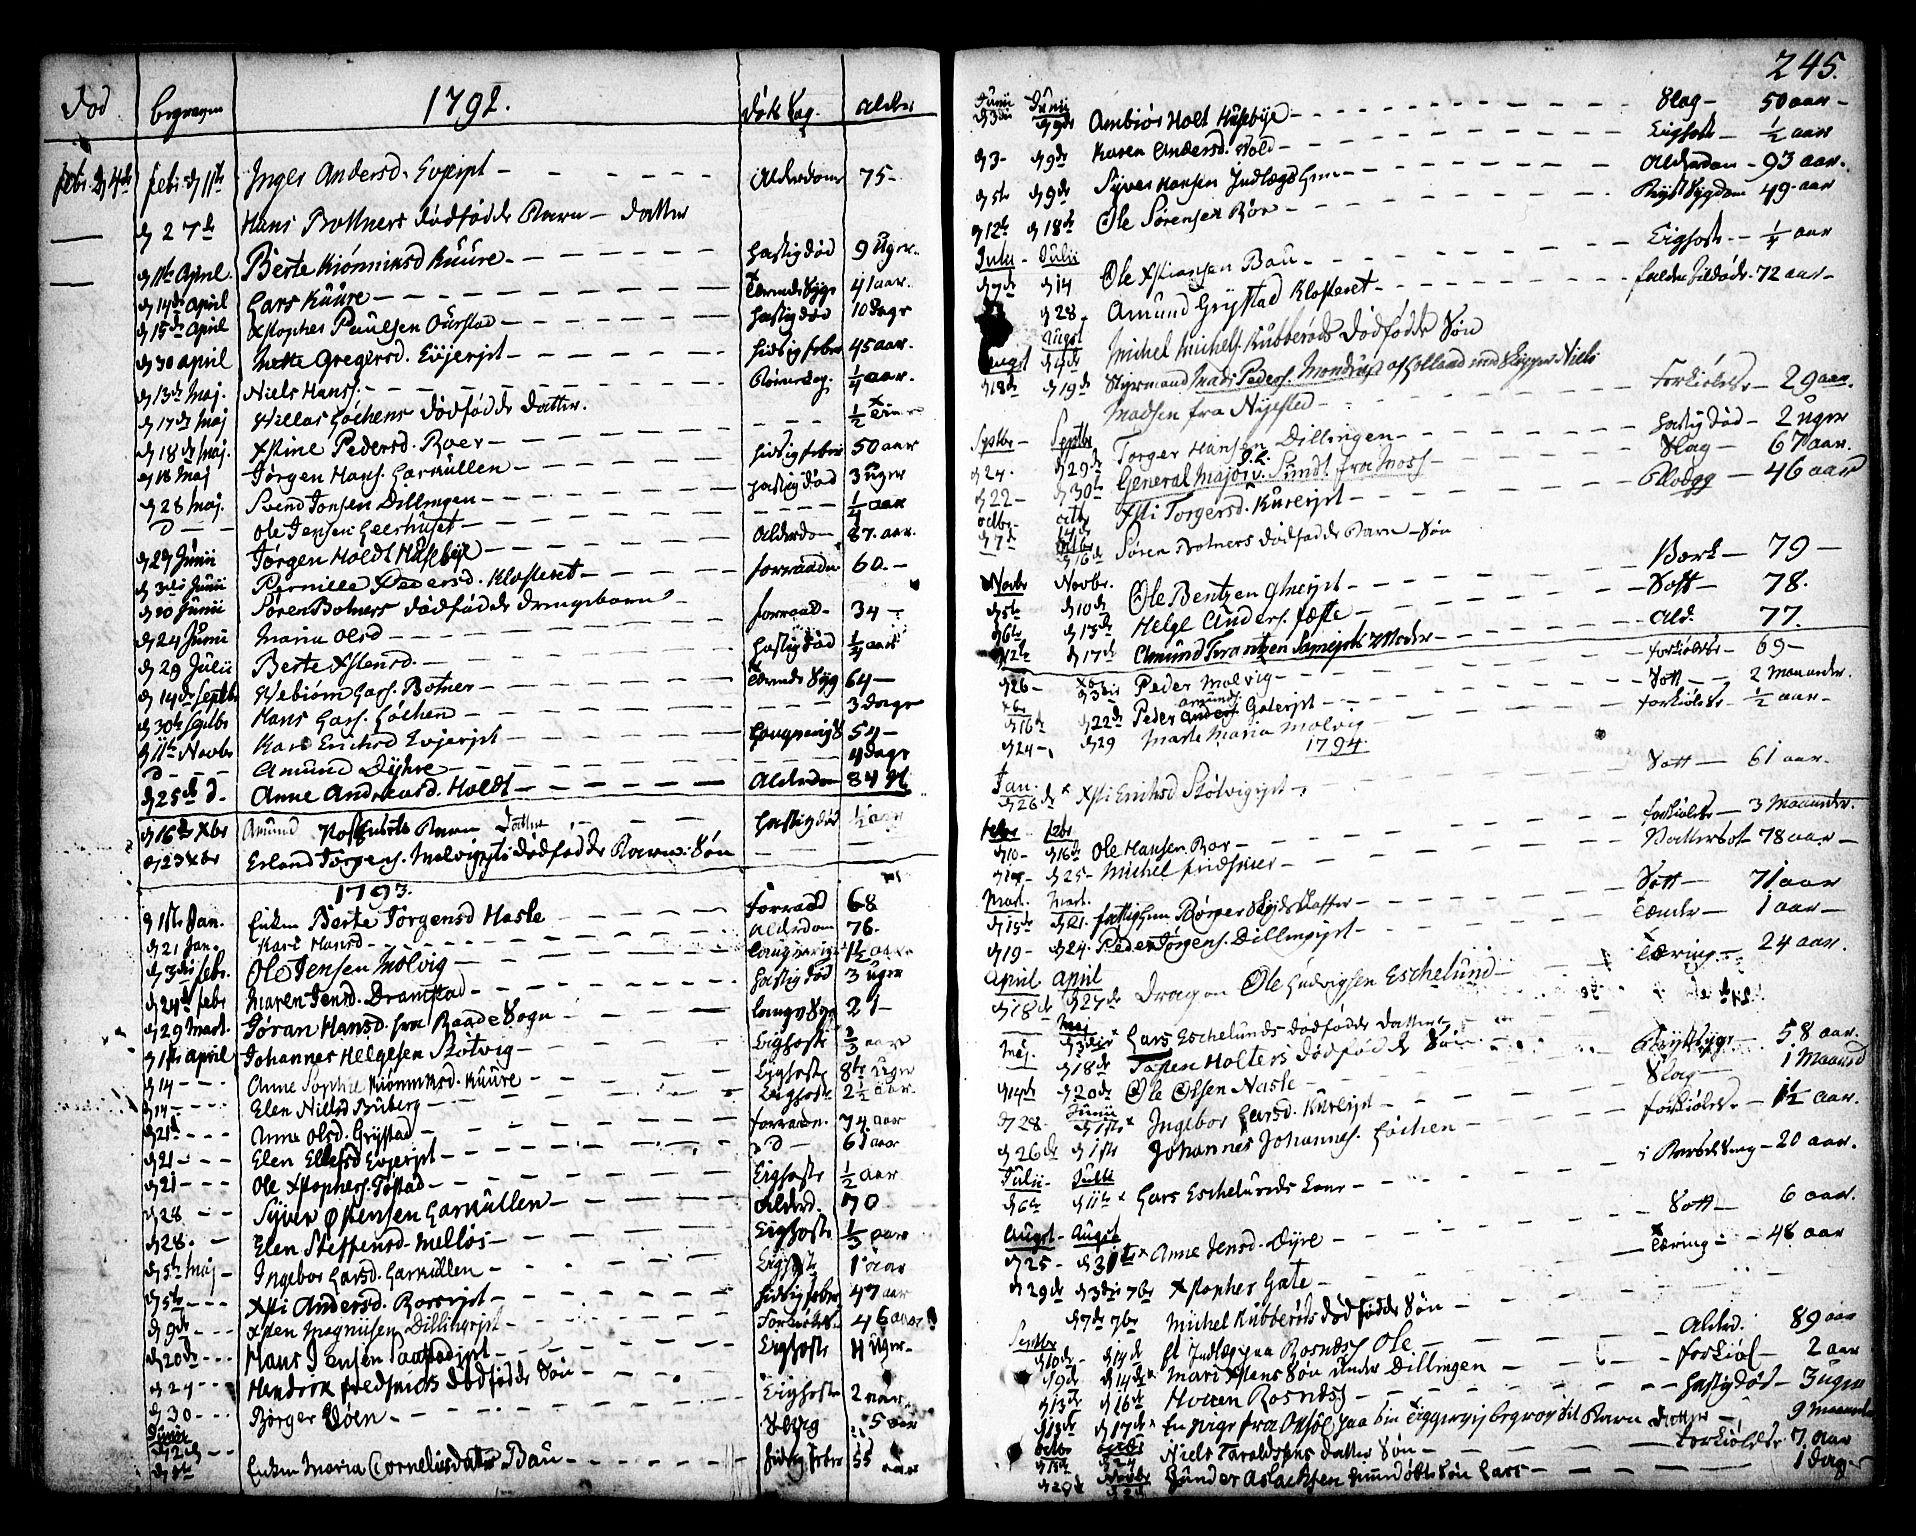 SAO, Rygge prestekontor Kirkebøker, F/Fa/L0002: Ministerialbok nr. 2, 1771-1814, s. 245